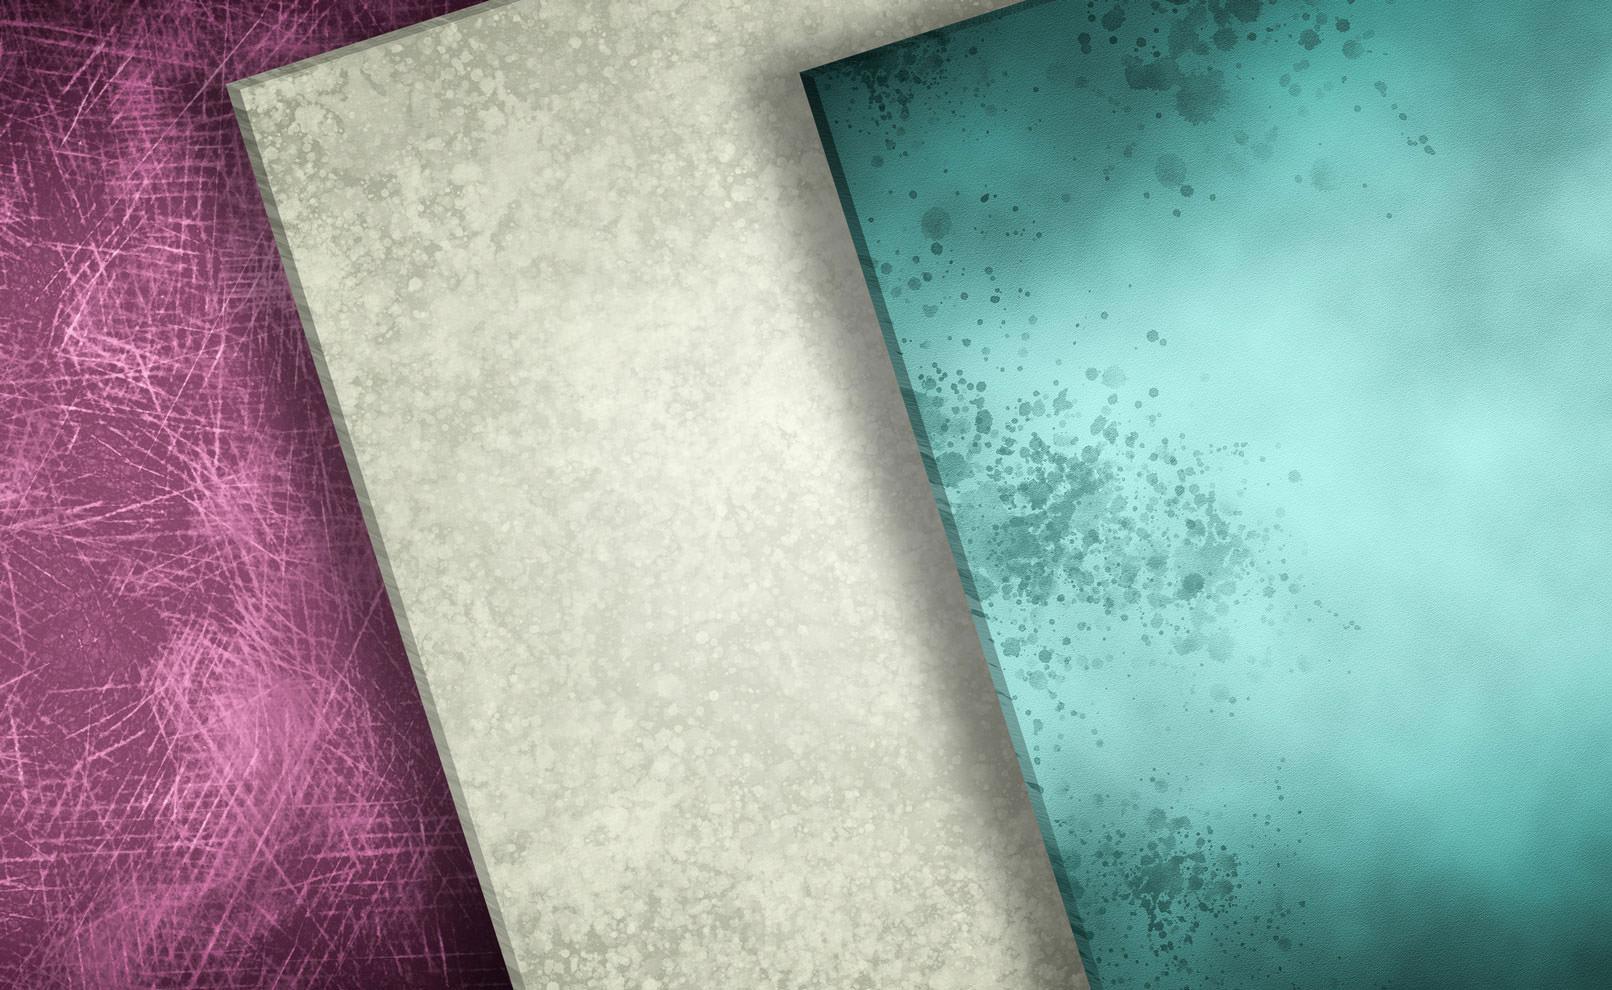 Bunte Hintergrundbilder mit verschiedenen Farben und Strukturen